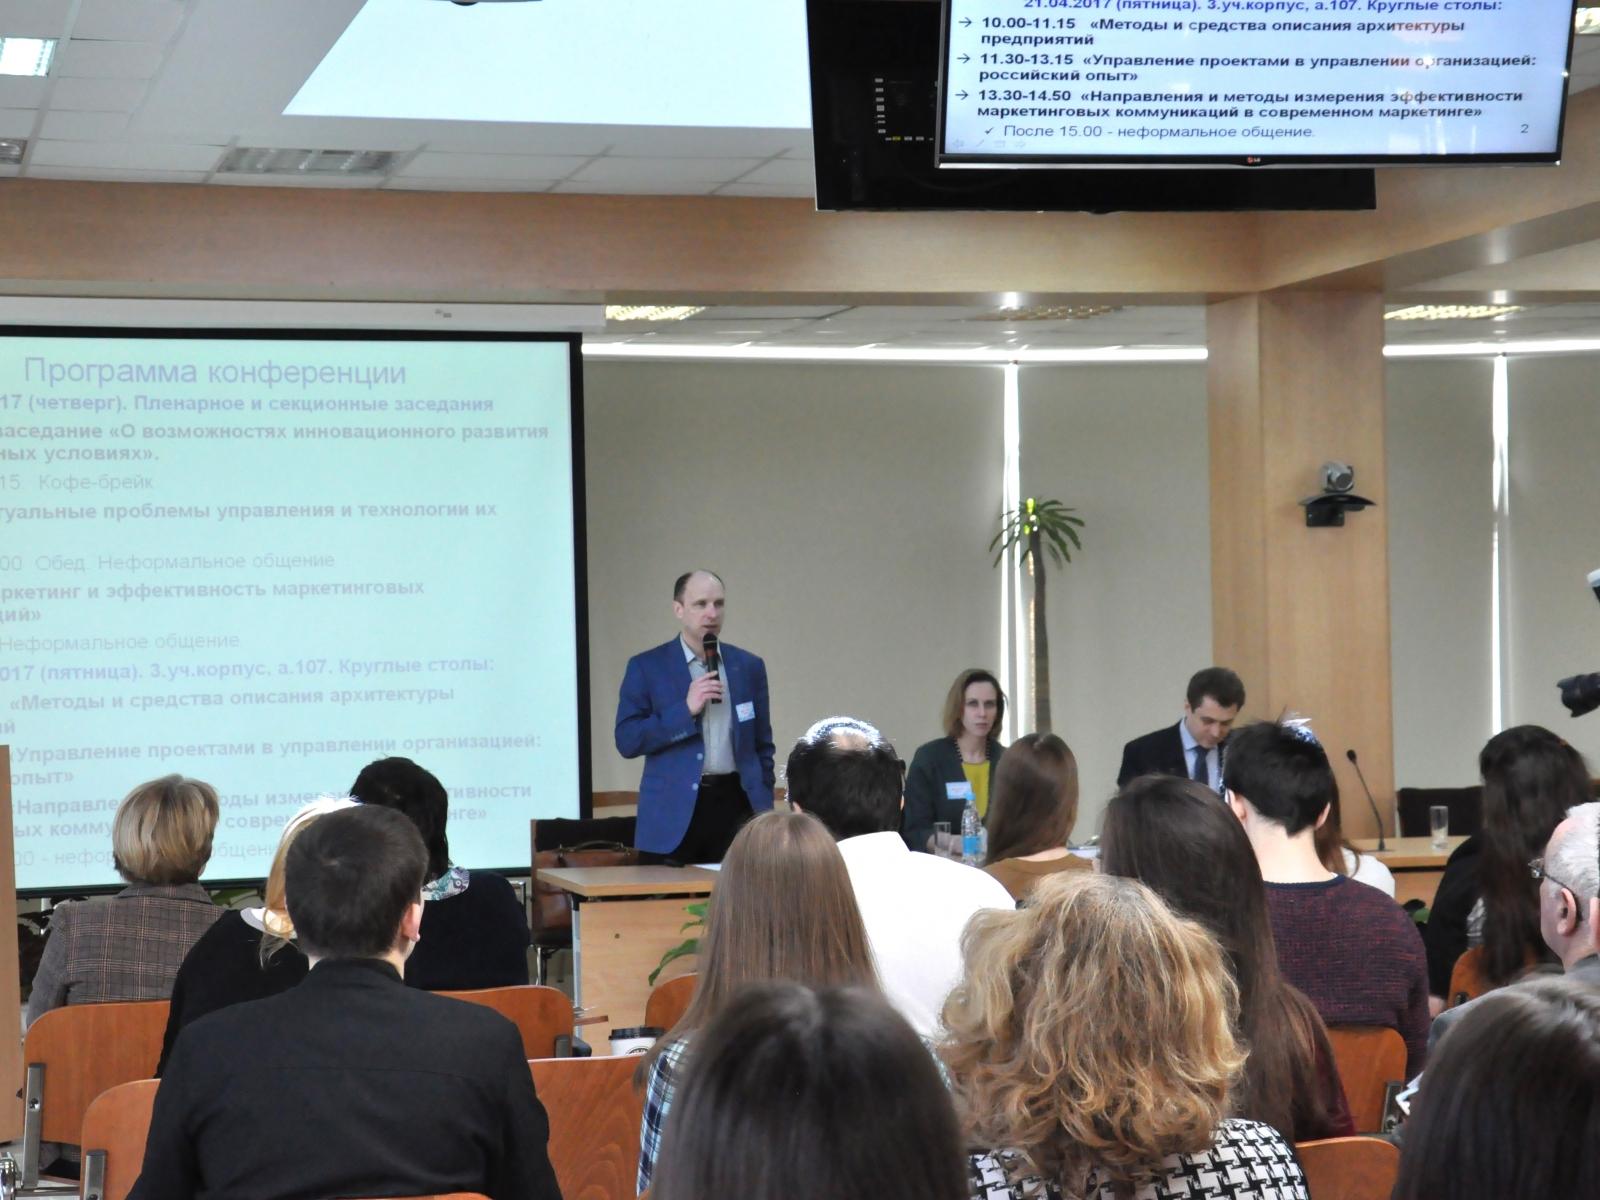 Конференция «Стратегическое управление организациями: технологии управления»